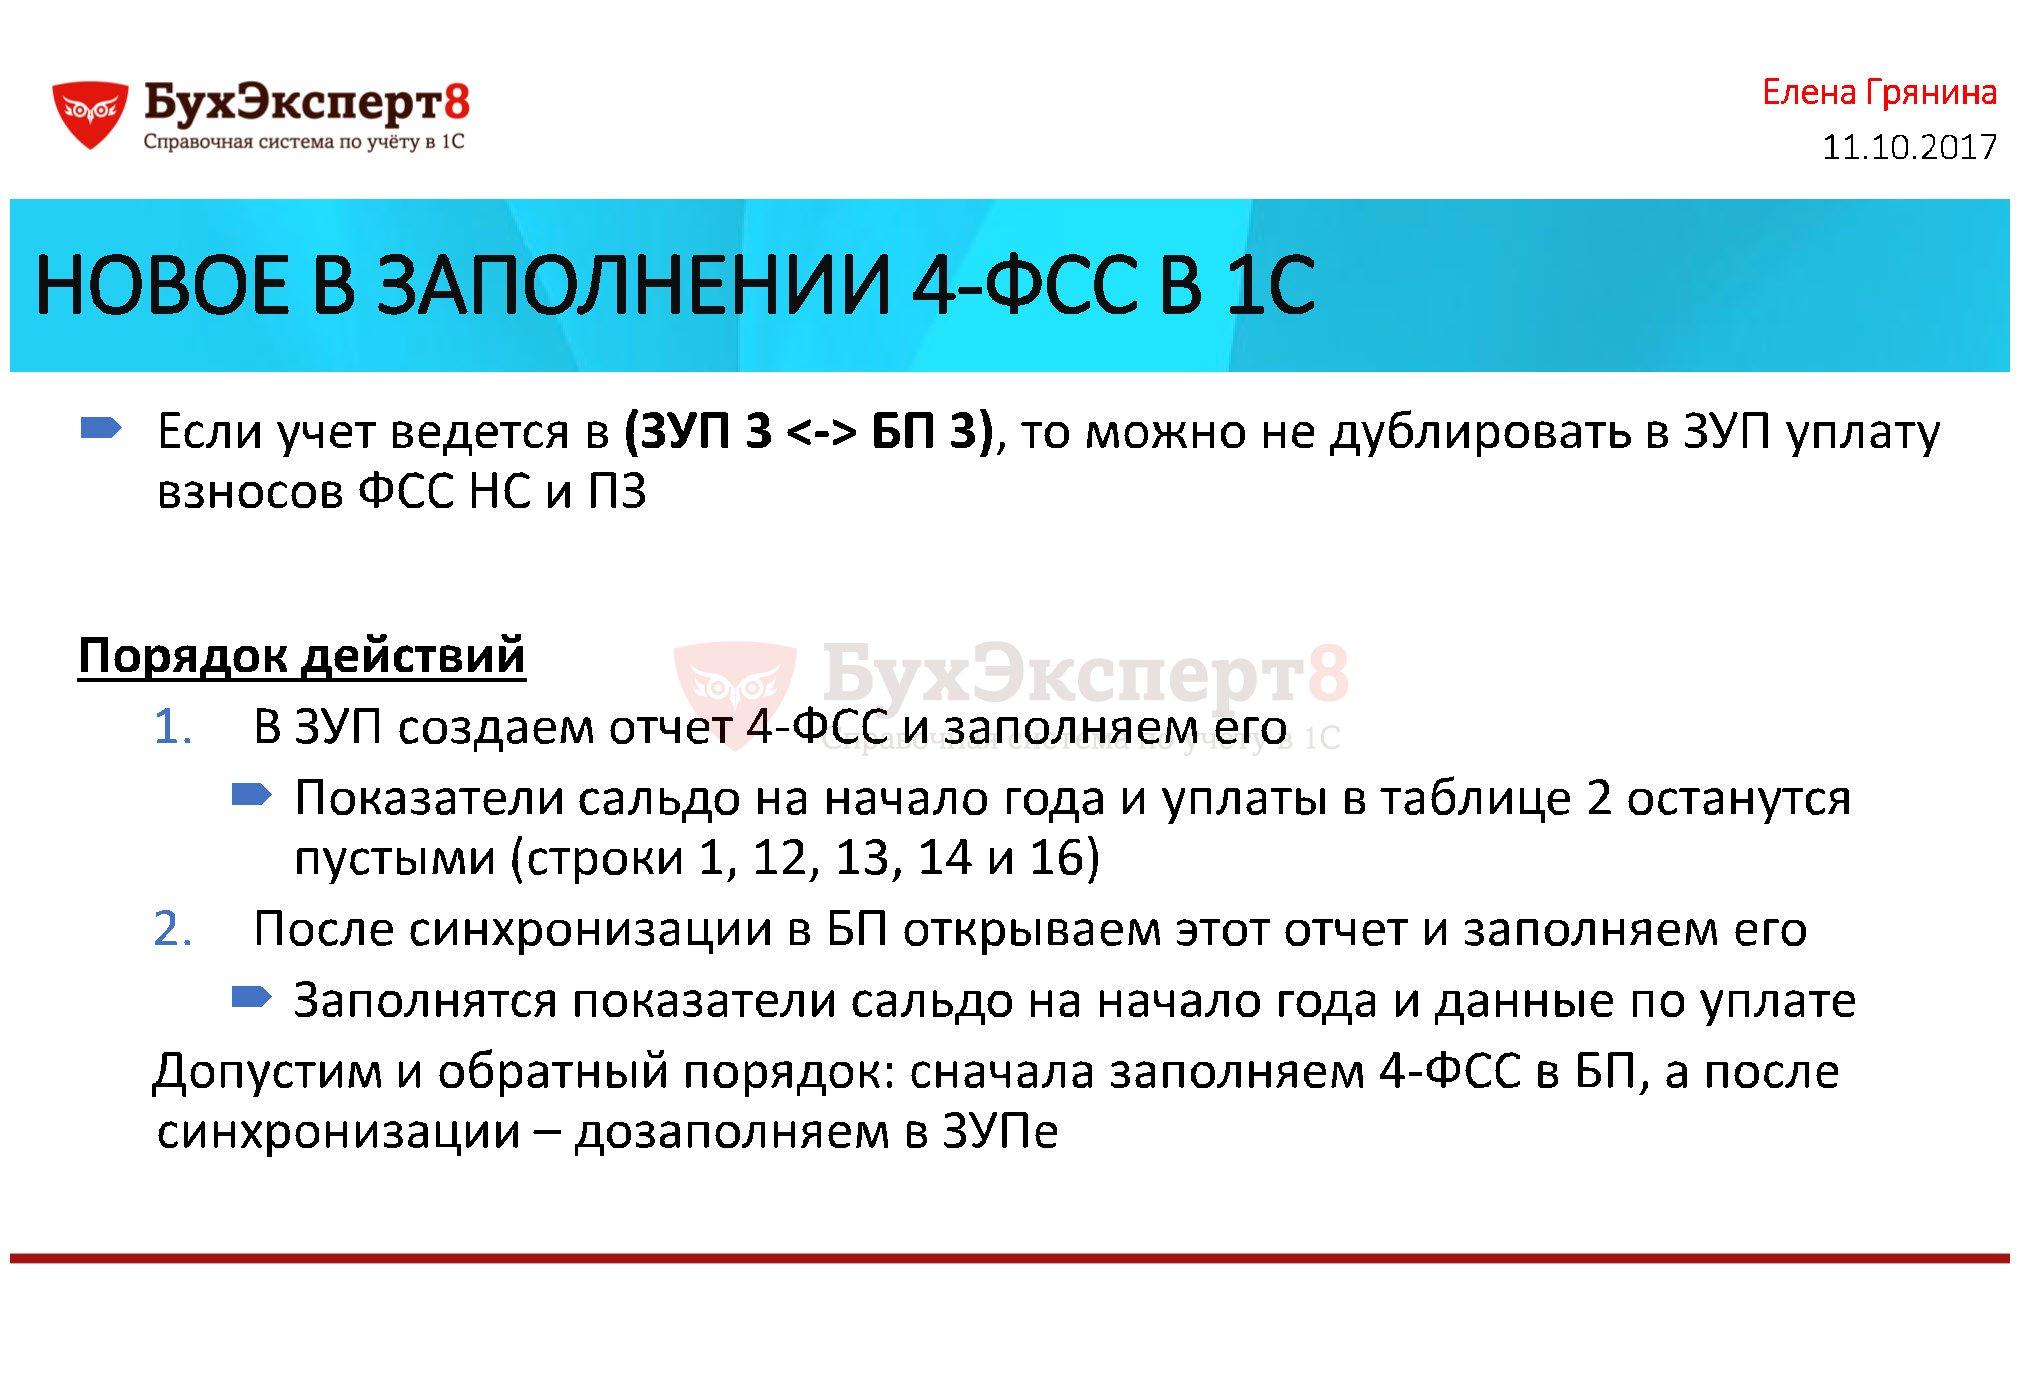 НОВОЕ В ЗАПОЛНЕНИИ 4-ФСС В 1С Если учет ведется в (ЗУП 3 <-> БП 3), то можно не дублировать в ЗУП уплату взносов ФСС НС и ПЗ Порядок действий 1. В ЗУП создаем отчет 4-ФСС и заполняем его Показатели сальдо на начало года и уплаты в таблице 2 останутся пустыми (строки 1, 12, 13, 14 и 16) 2. После синхронизации в БП открываем этот отчет и заполняем его Заполнятся показатели сальдо на начало года и данные по уплате Допустим и обратный порядок: сначала заполняем 4-ФСС в БП, а после синхронизации – дозаполняем в ЗУПе